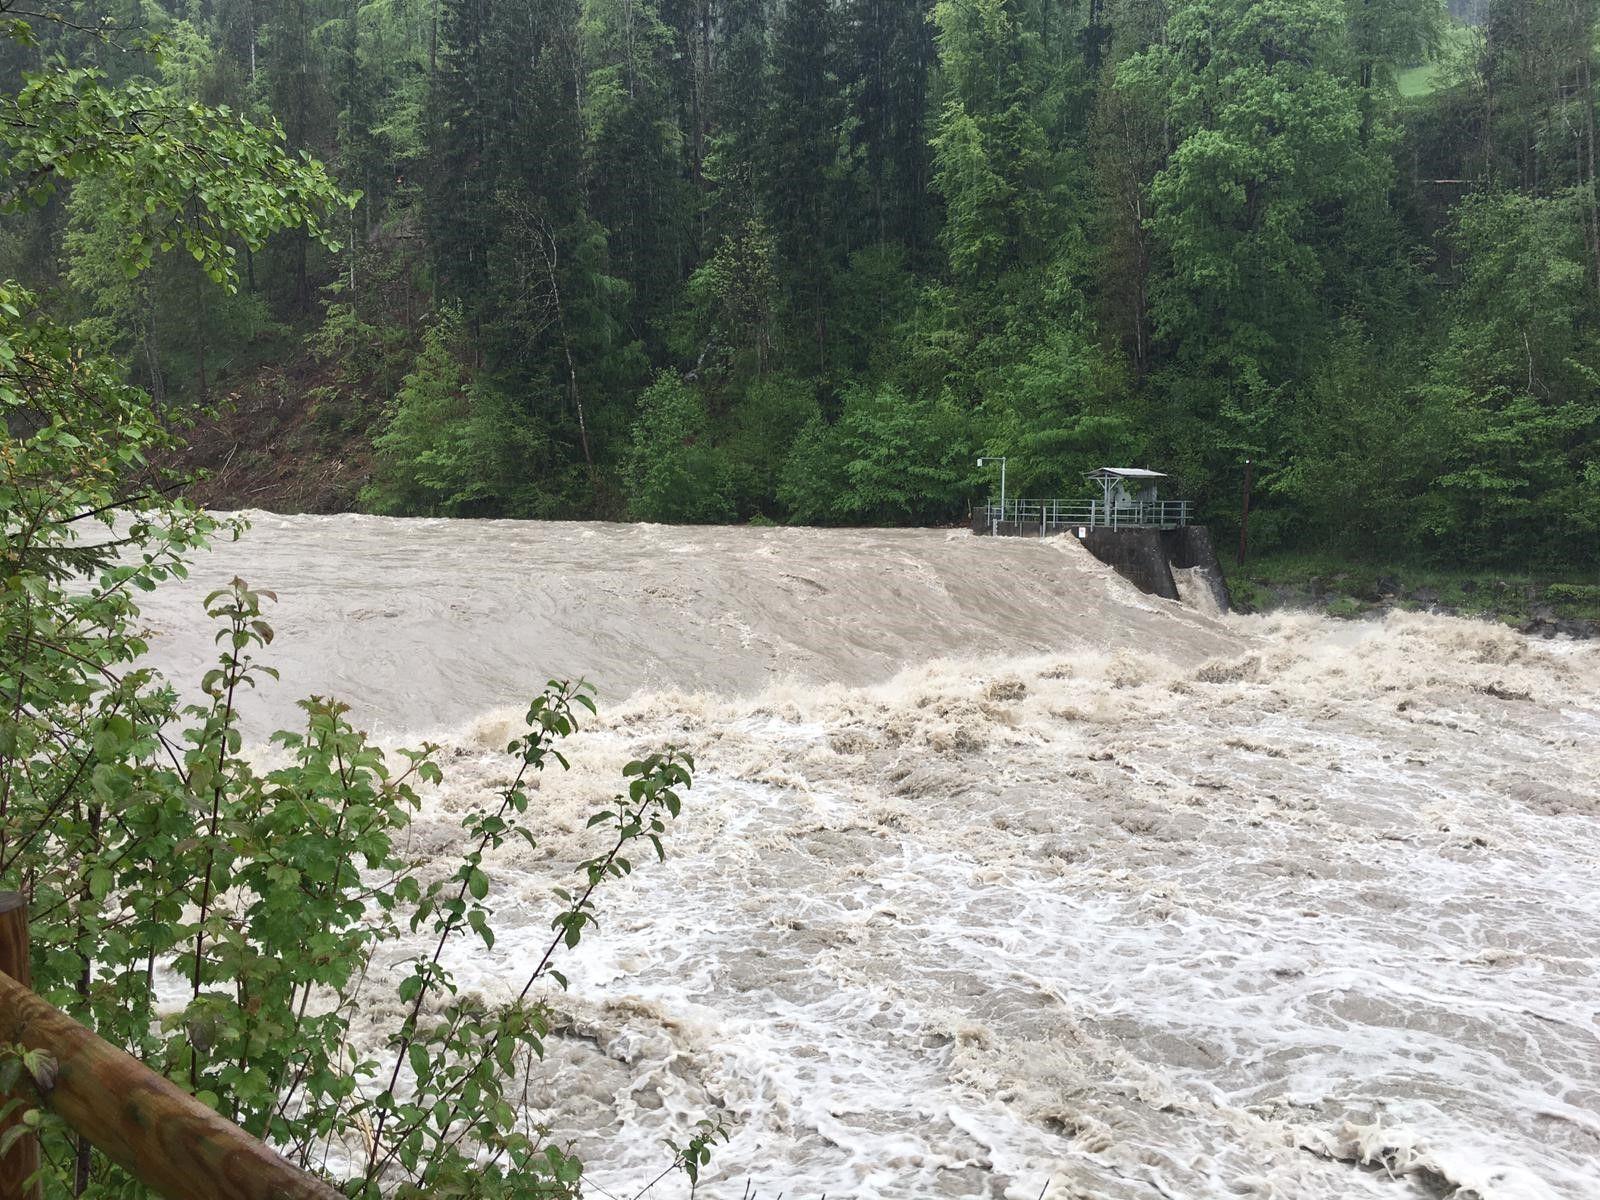 Hochwasser in Vorarlberg: Nun drohen Murenabgänge